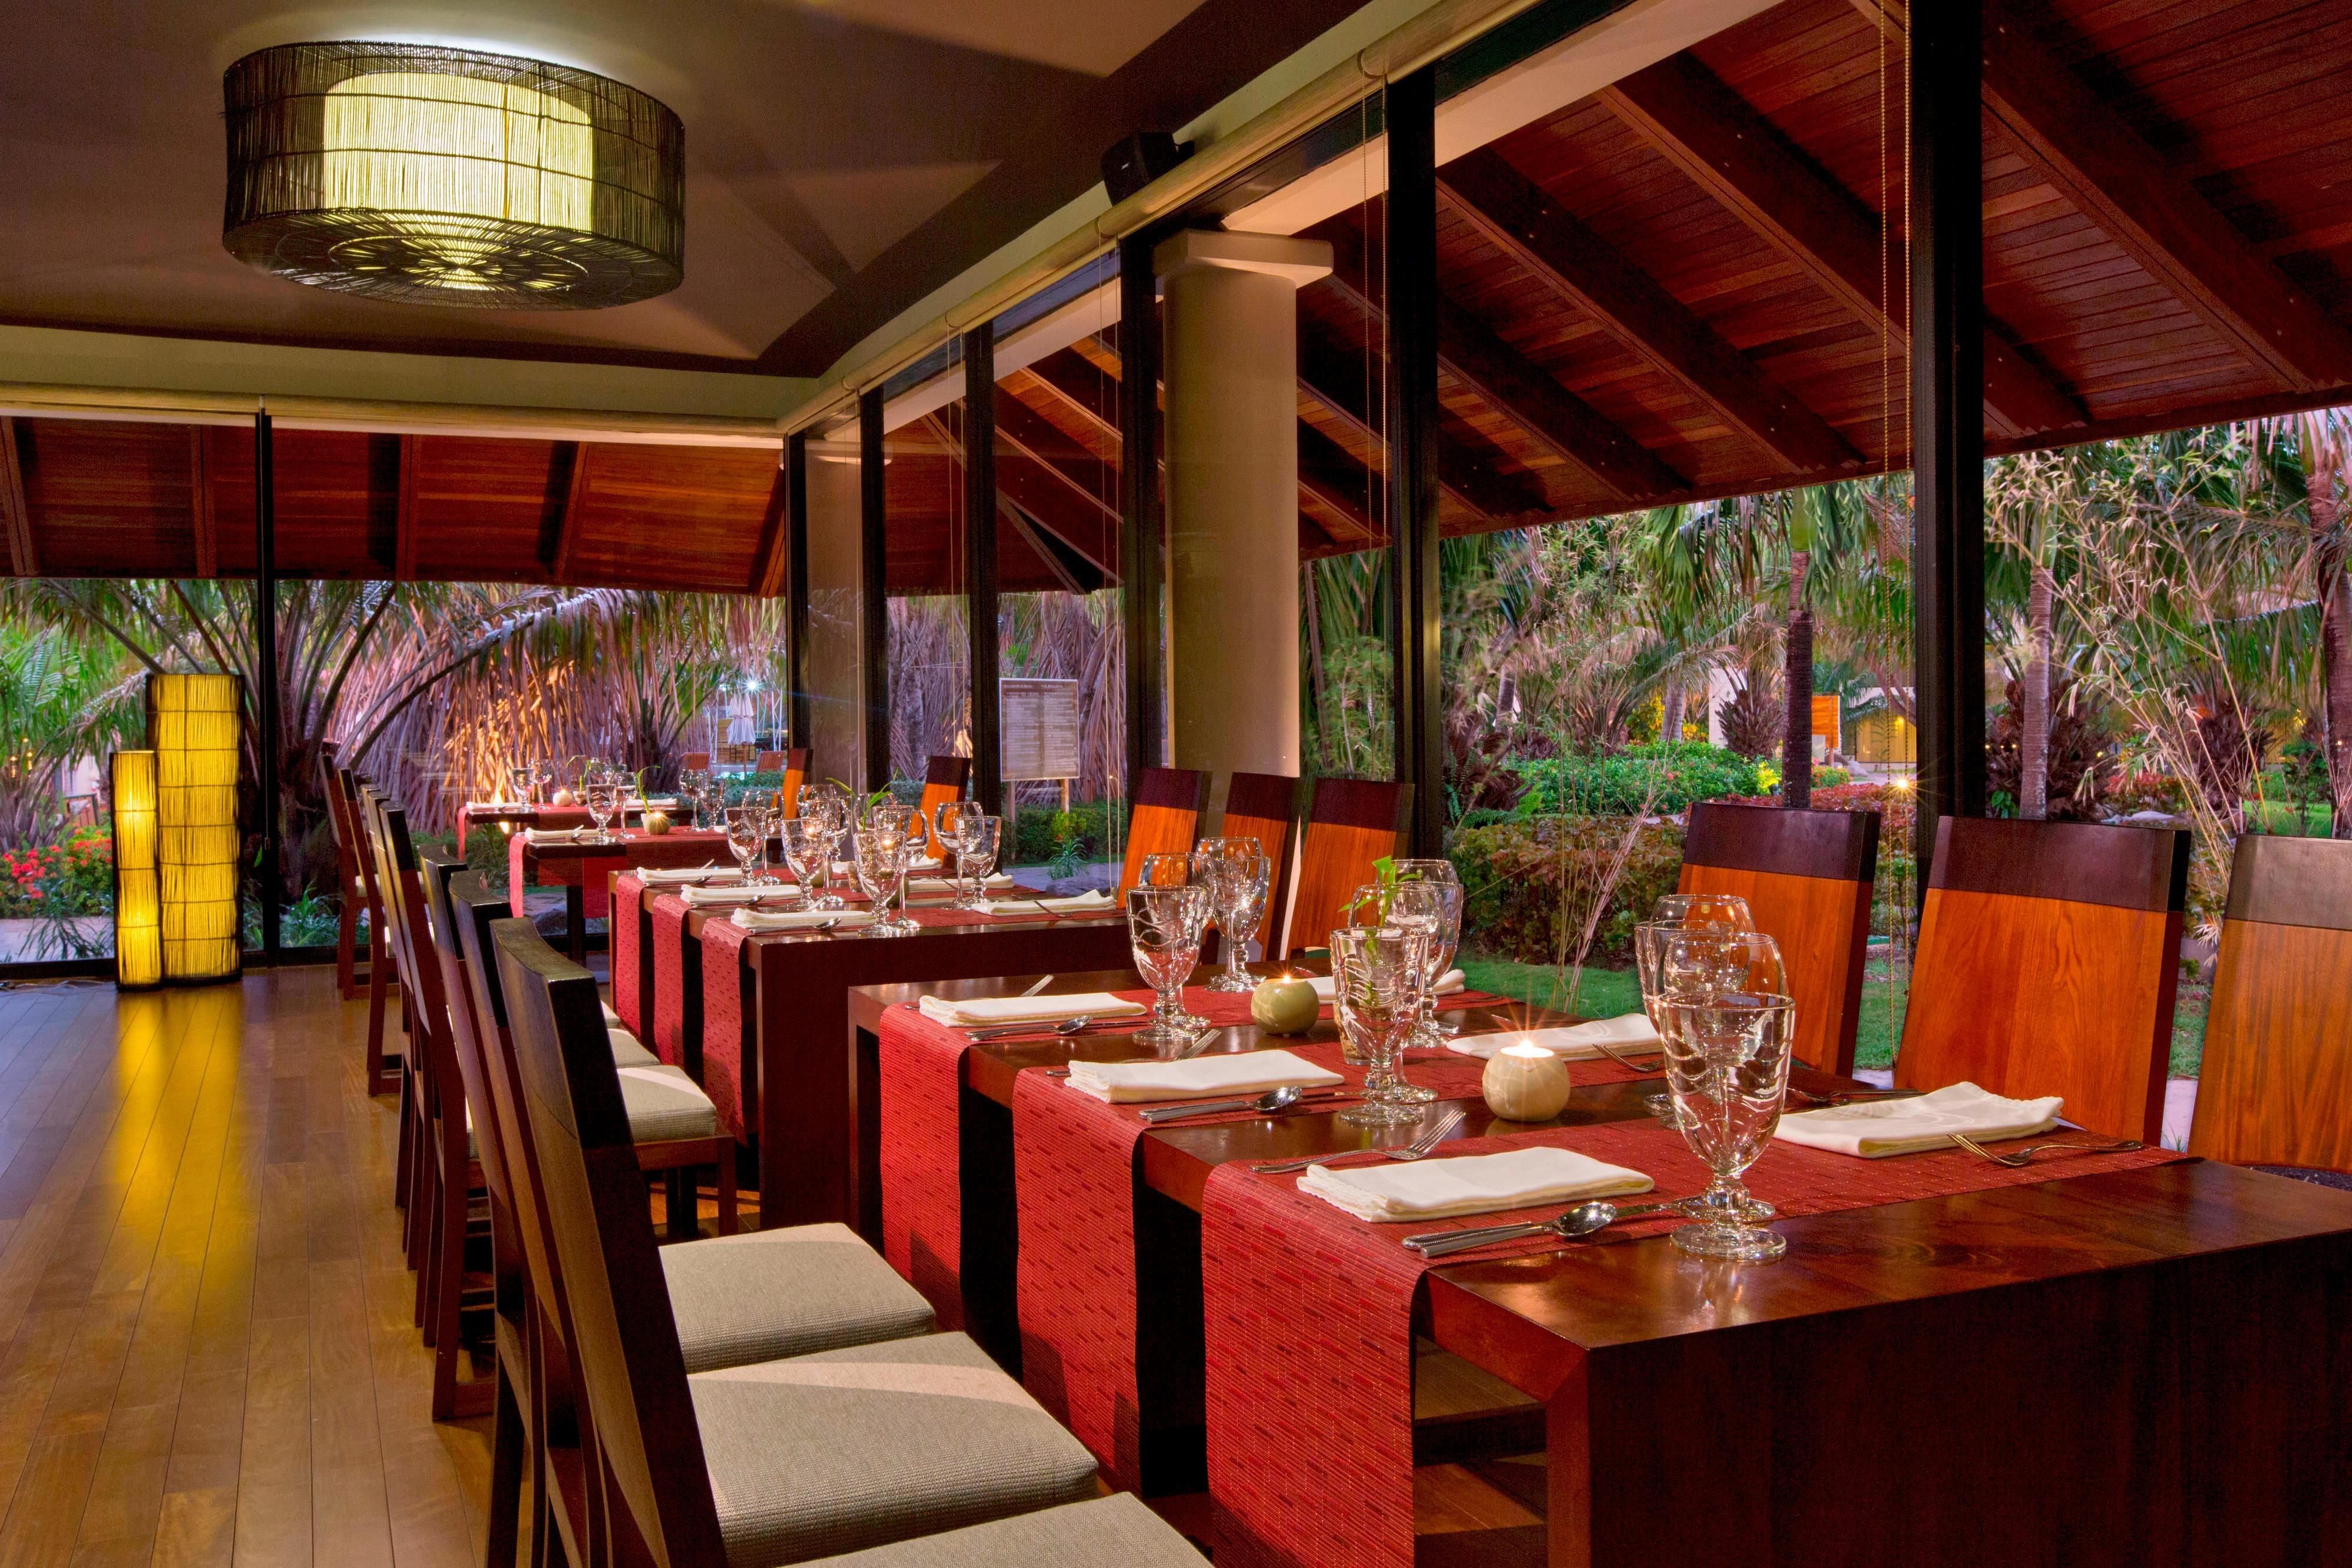 Restaurante asiático Bamboo